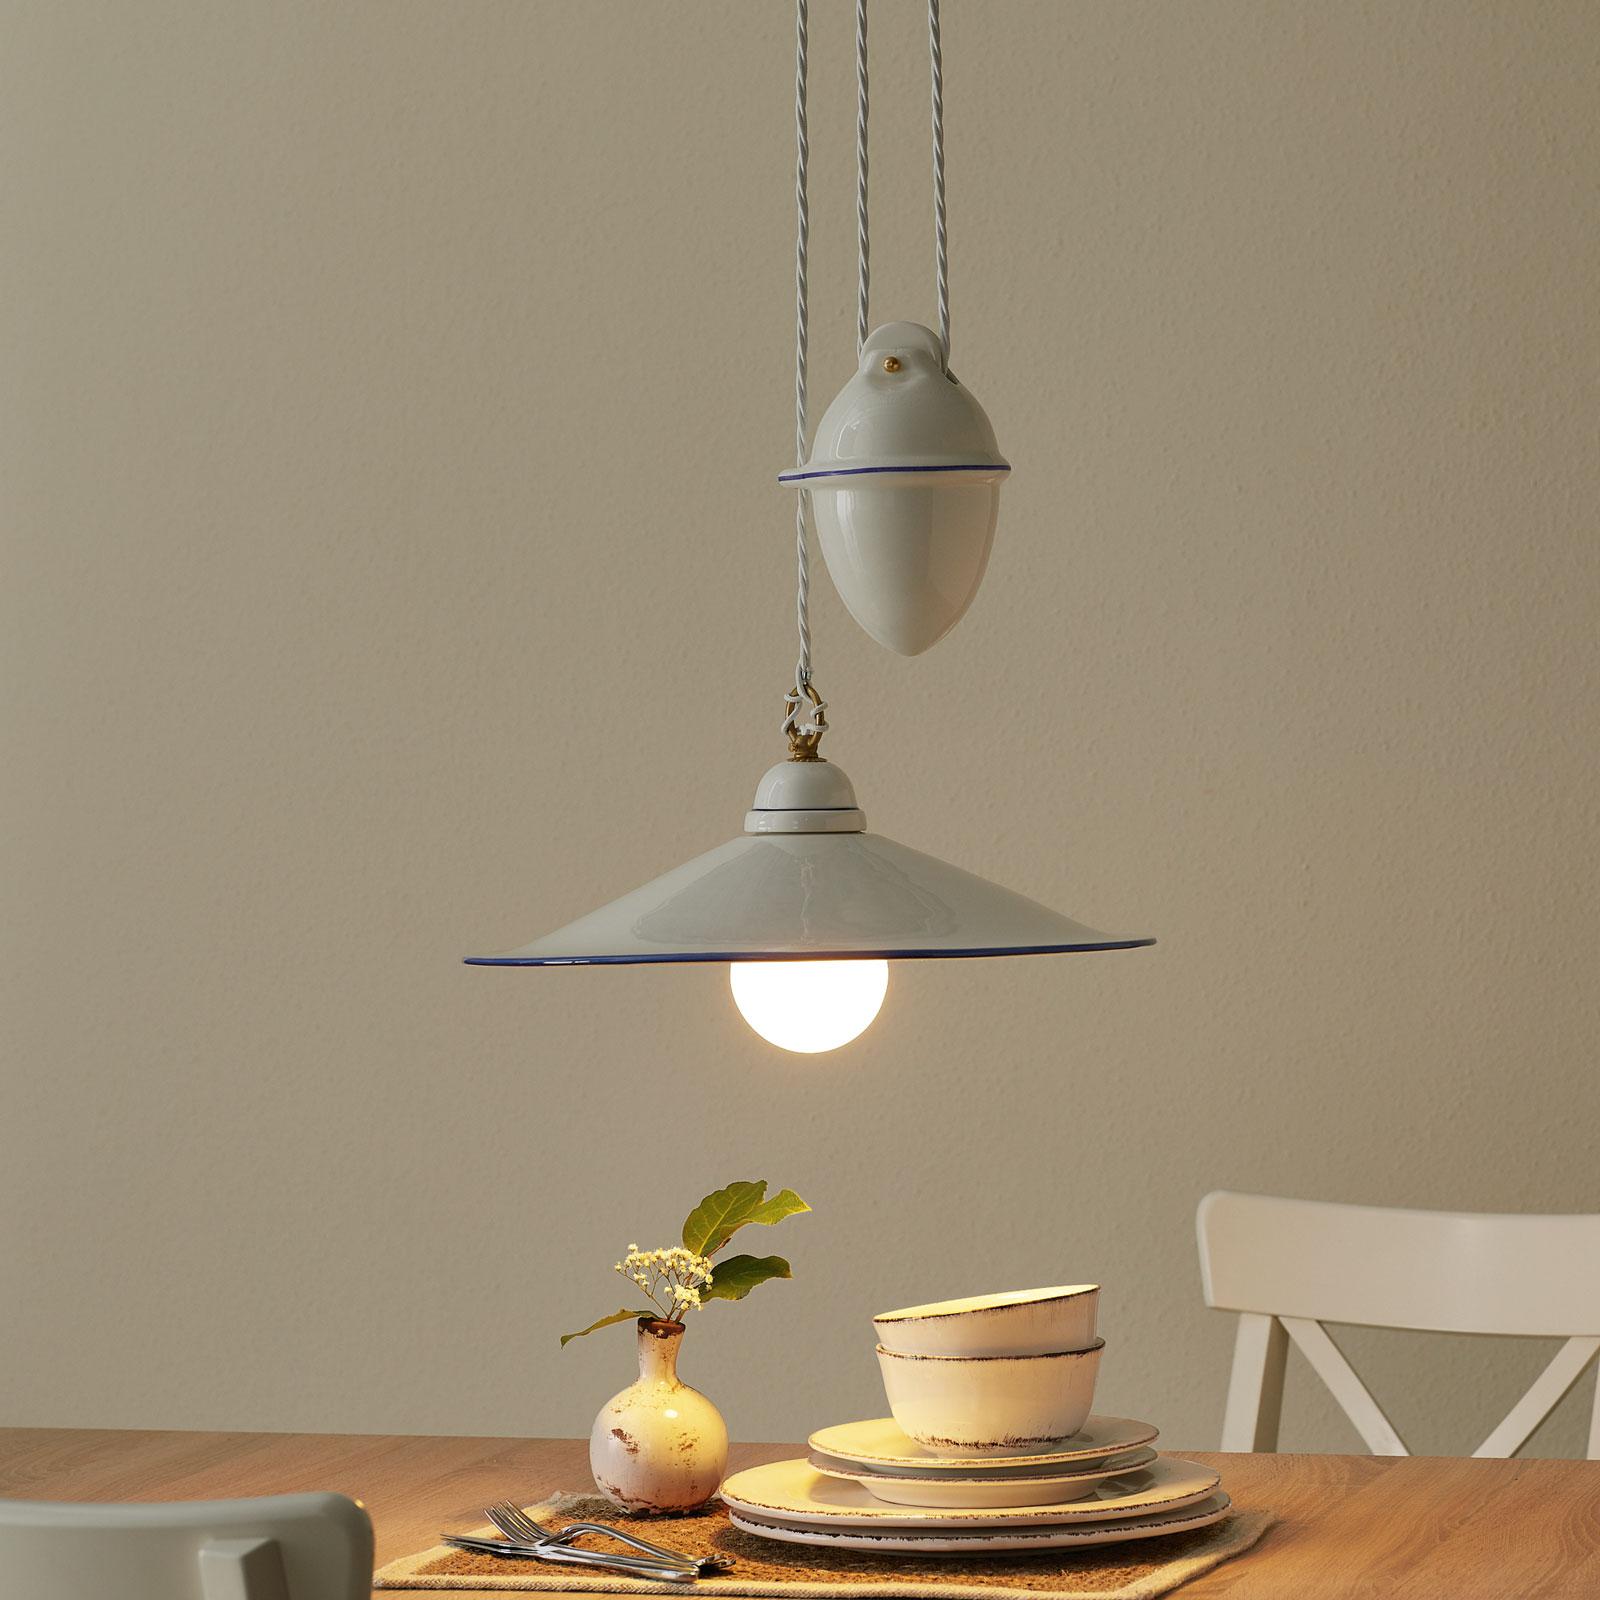 Hængelampe PIATTO med hejselod